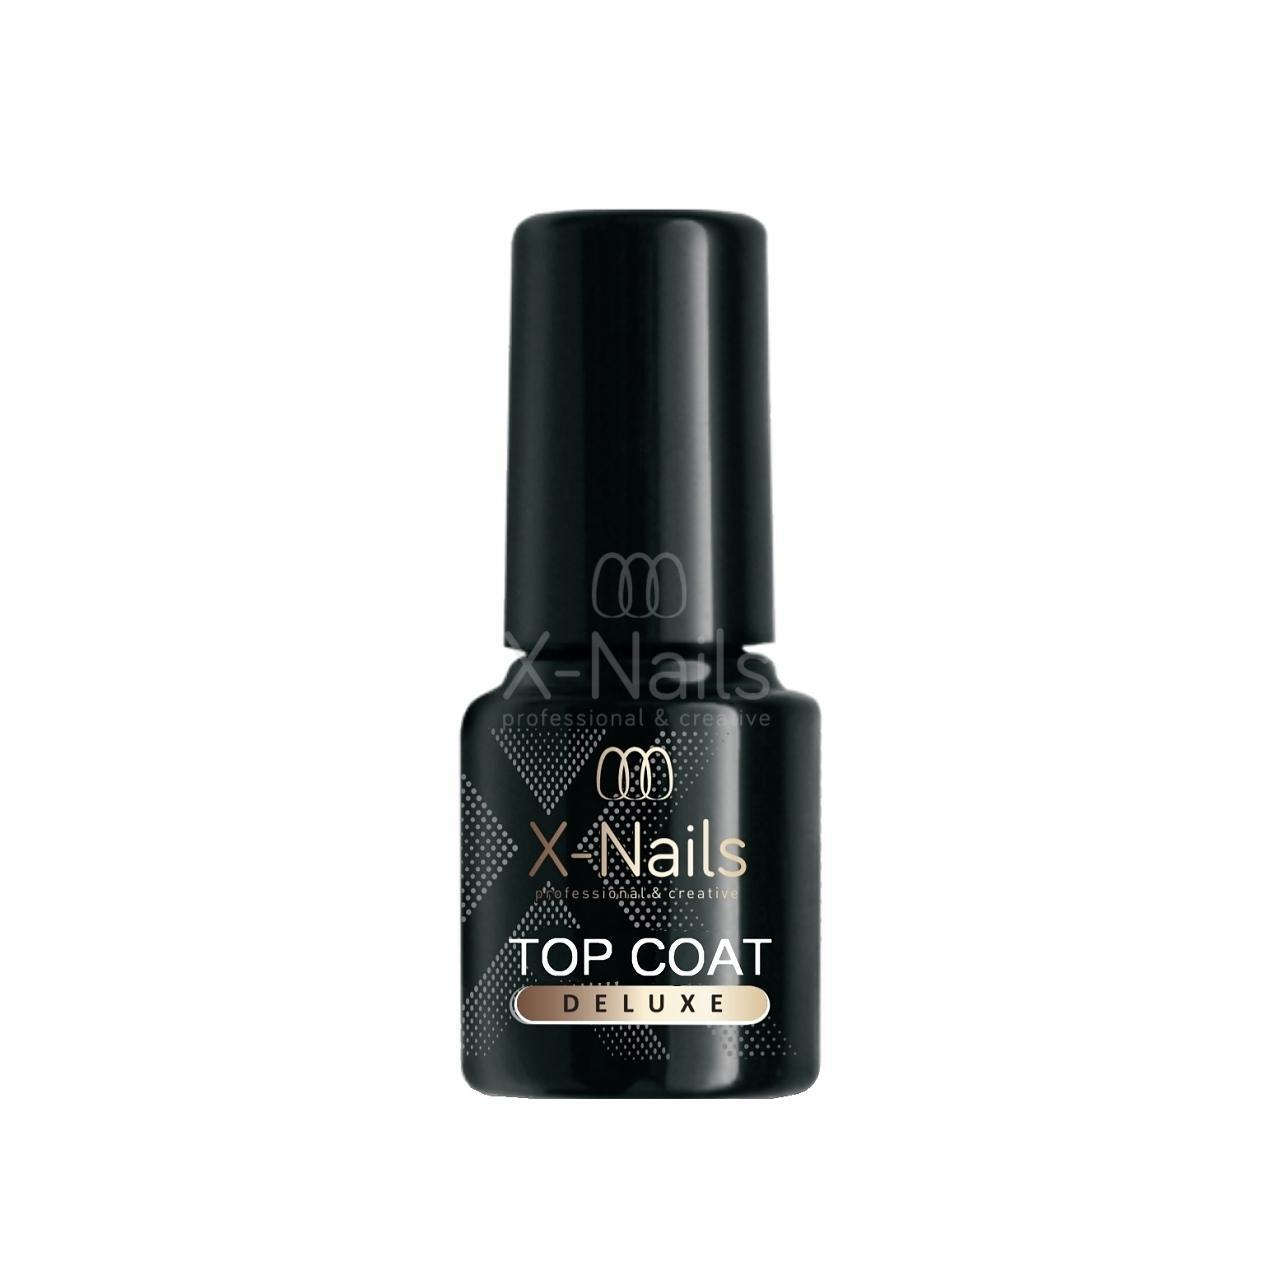 Profesionalni Zaverecny Lesk Nadlak Top Coat Deluxe X Nails